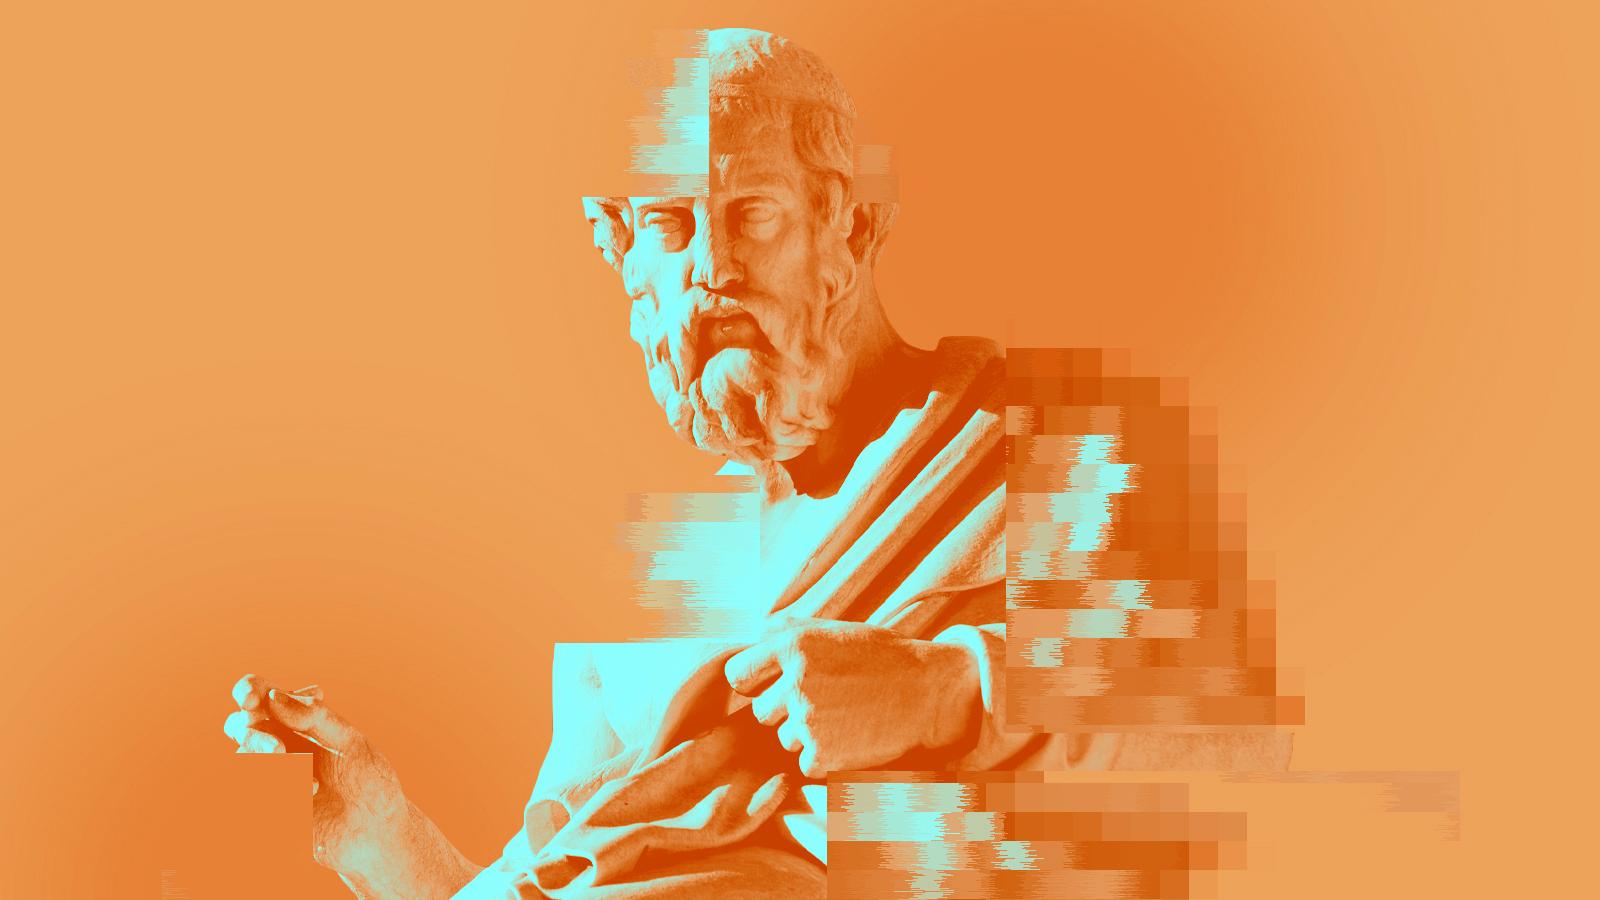 The dreams of digital humanities